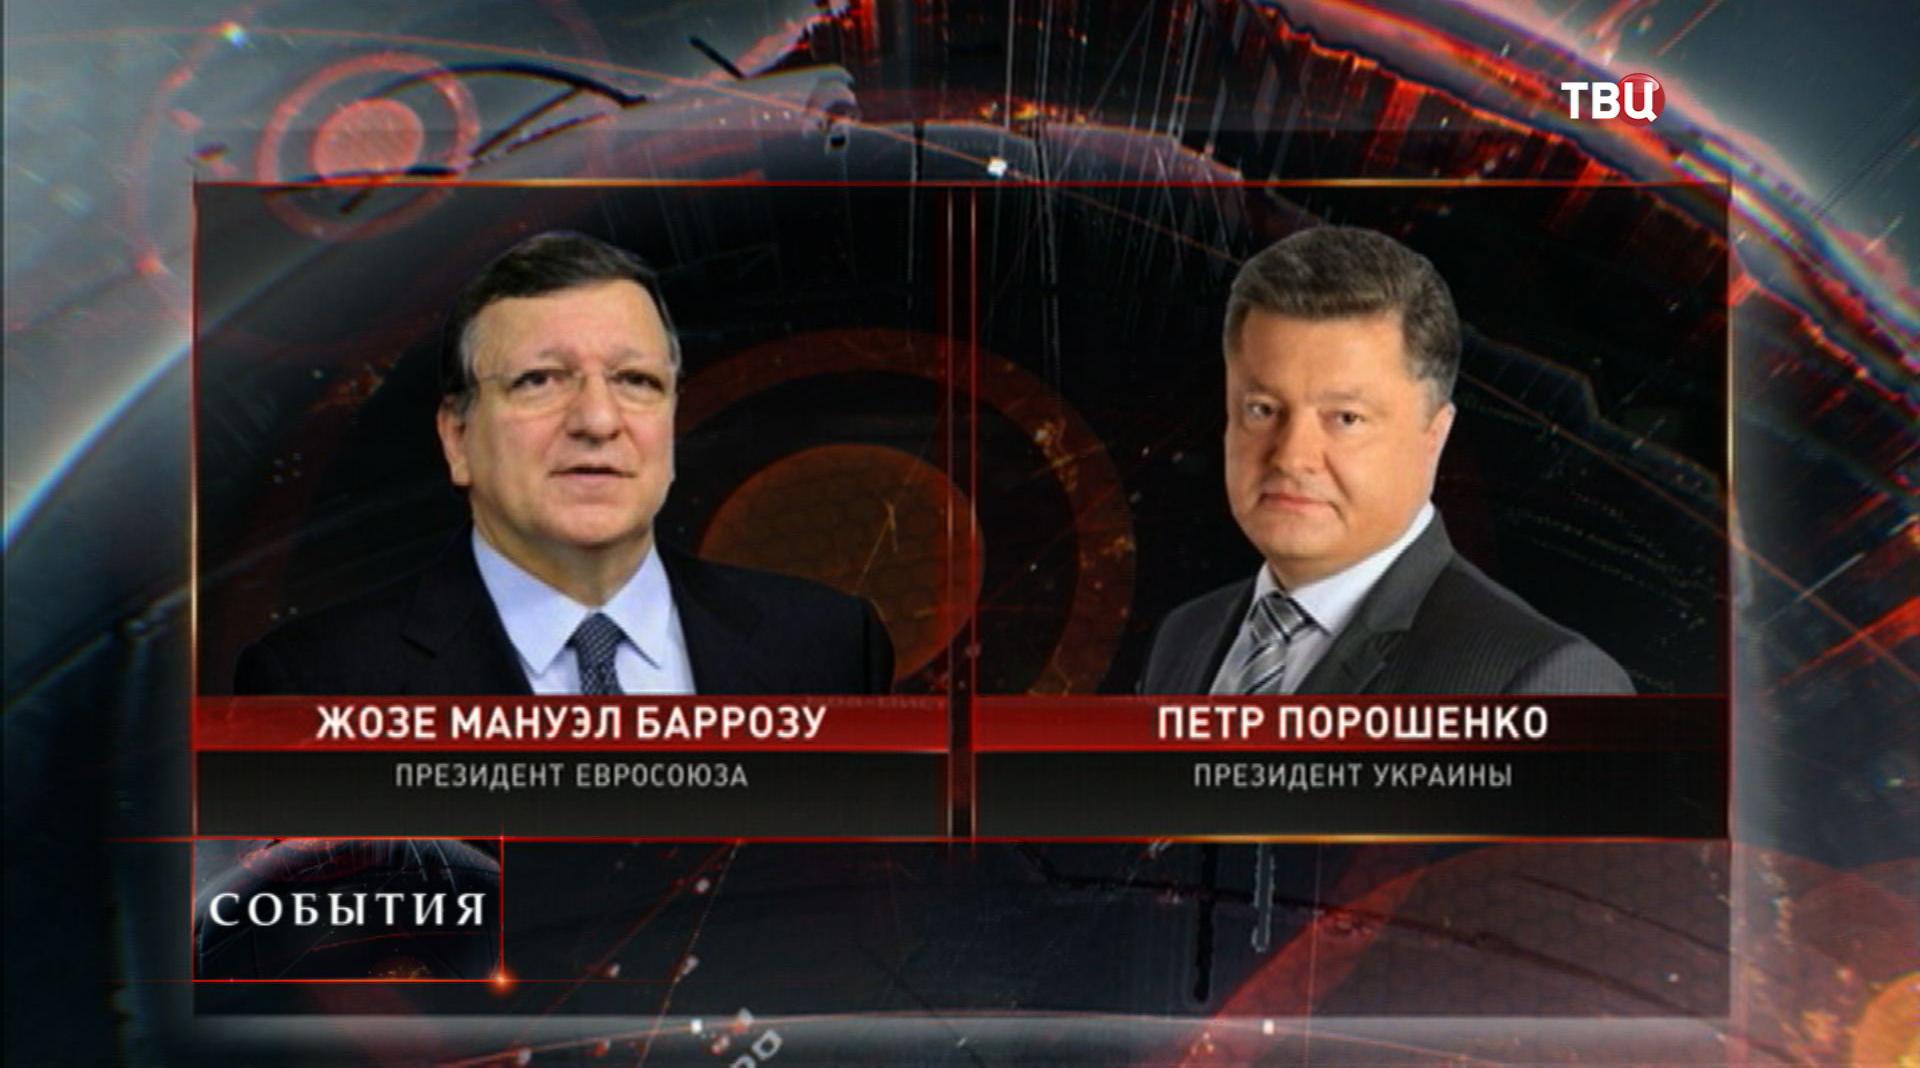 Президент Украины Петр Порошенко и Президент Еврокомиссии Жозе Мануэл Баррозу